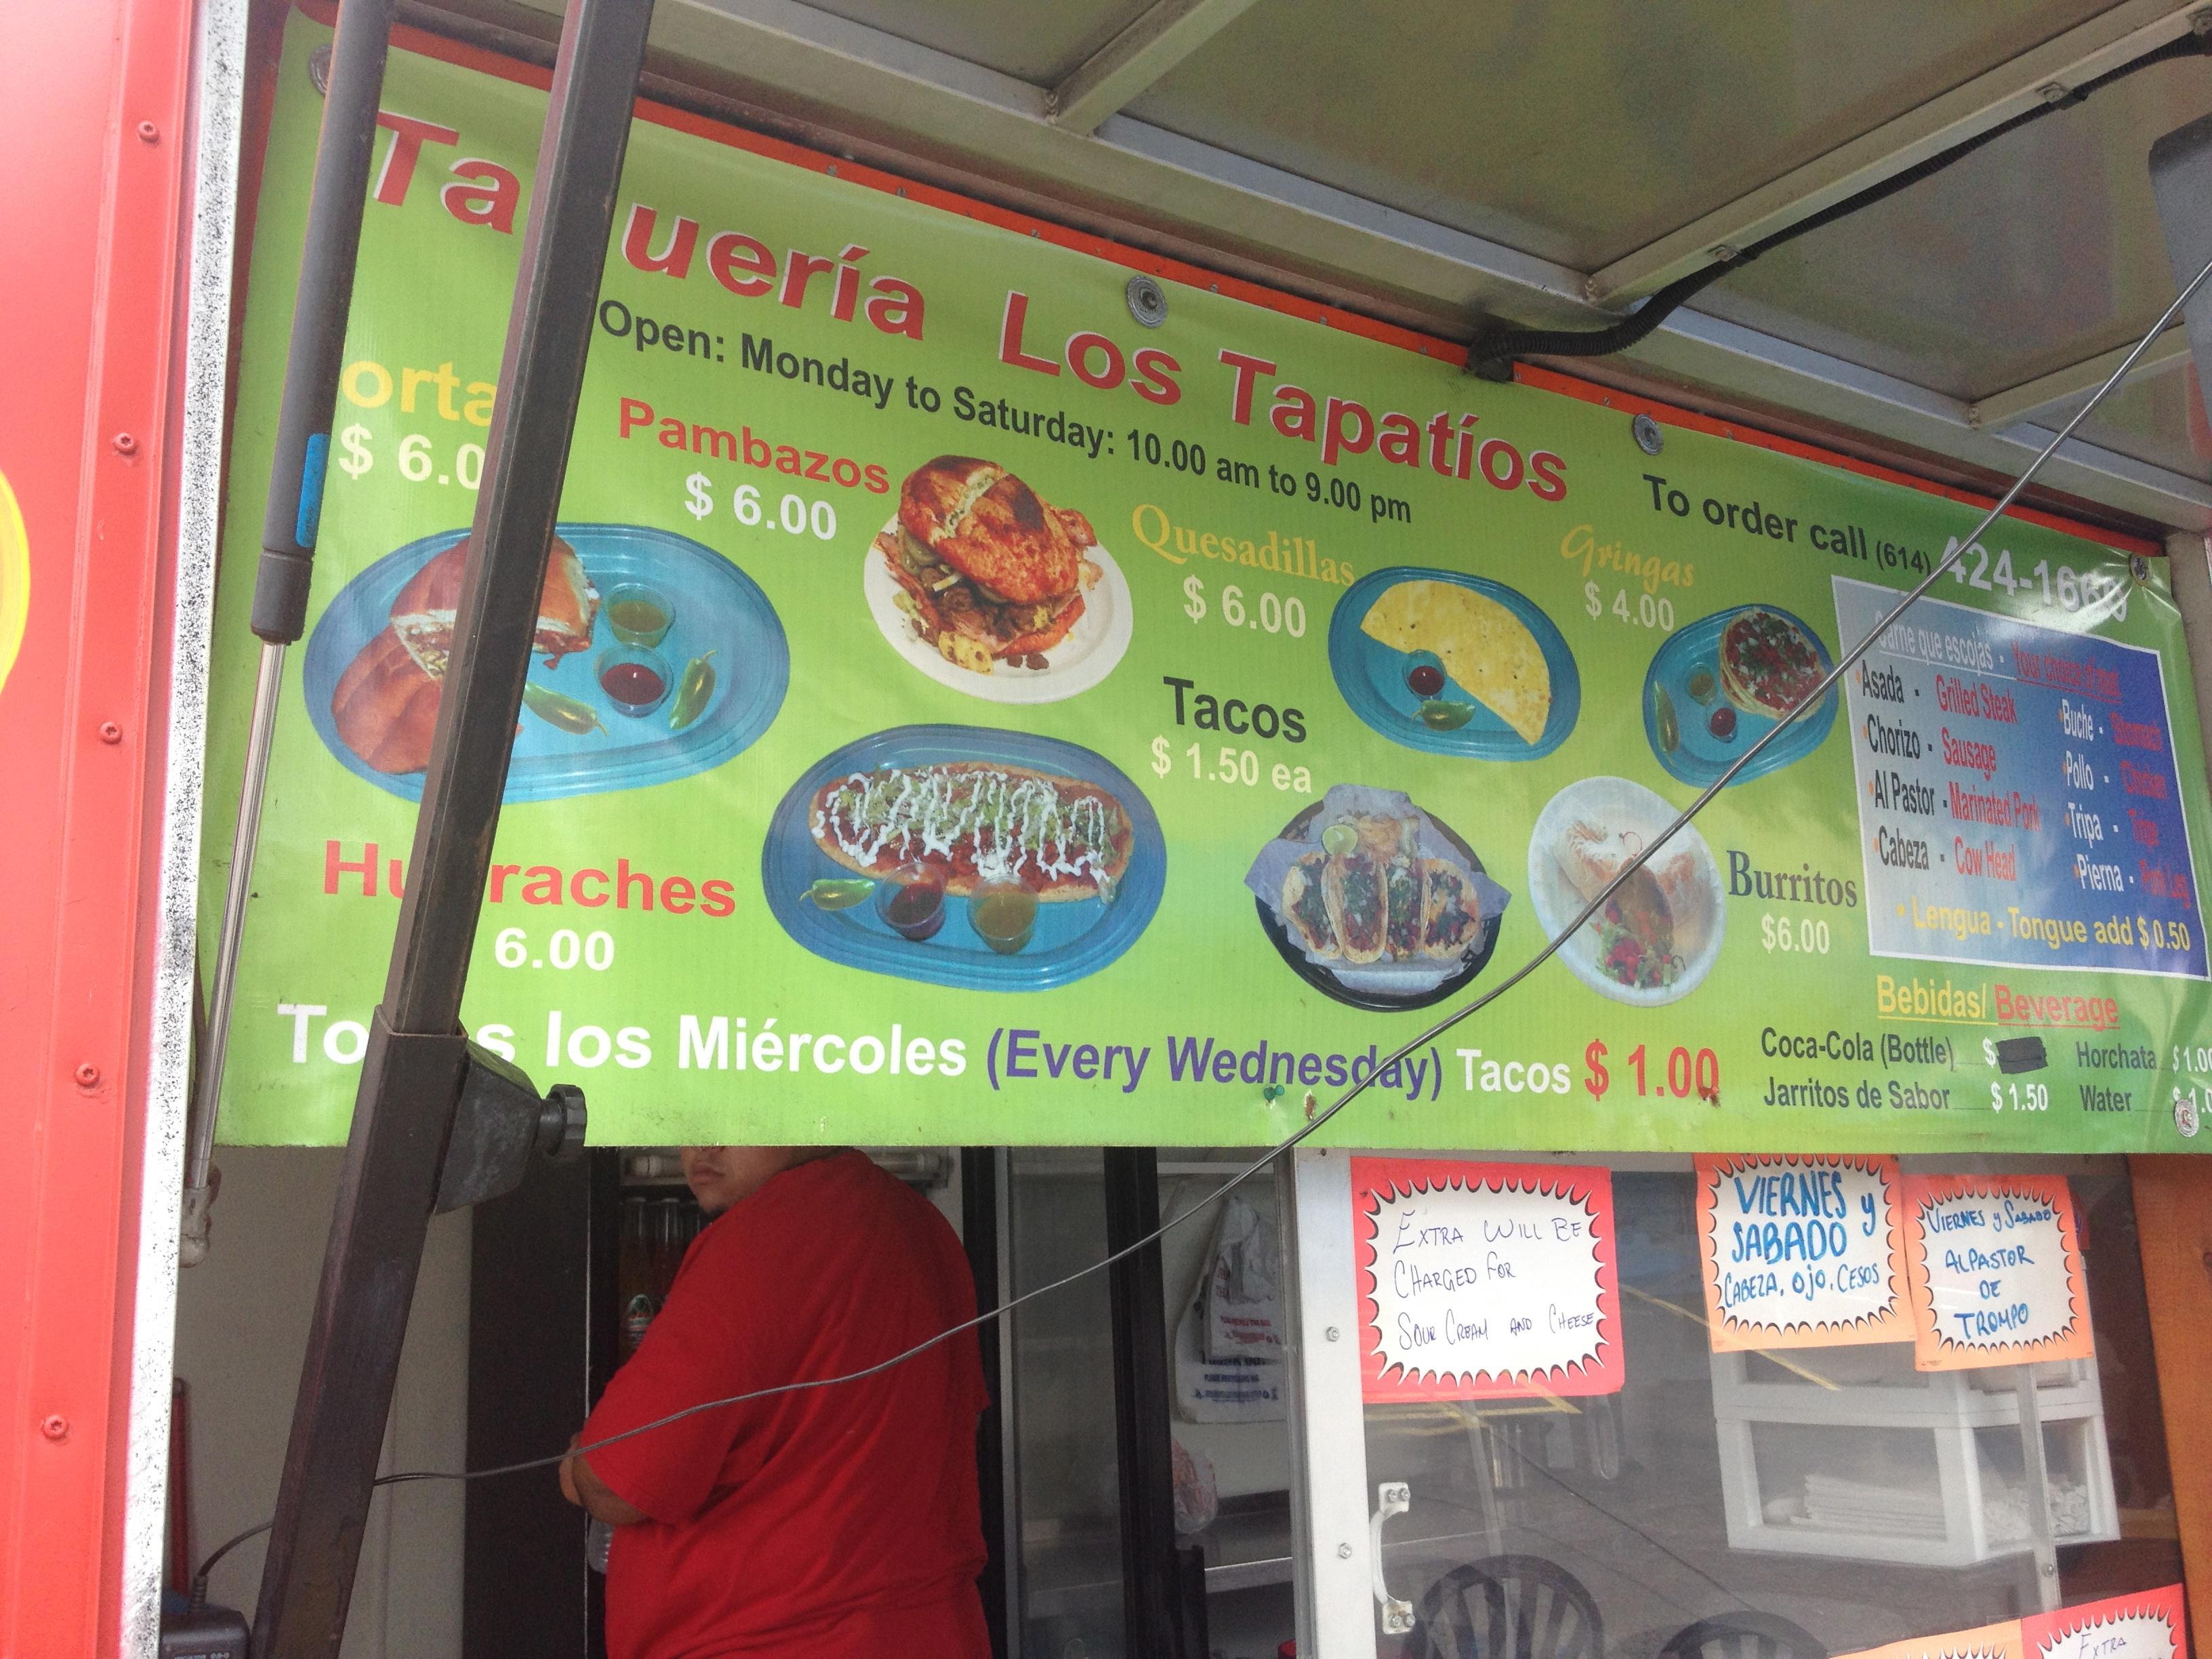 Taqueria Los Tapatios El Salvador